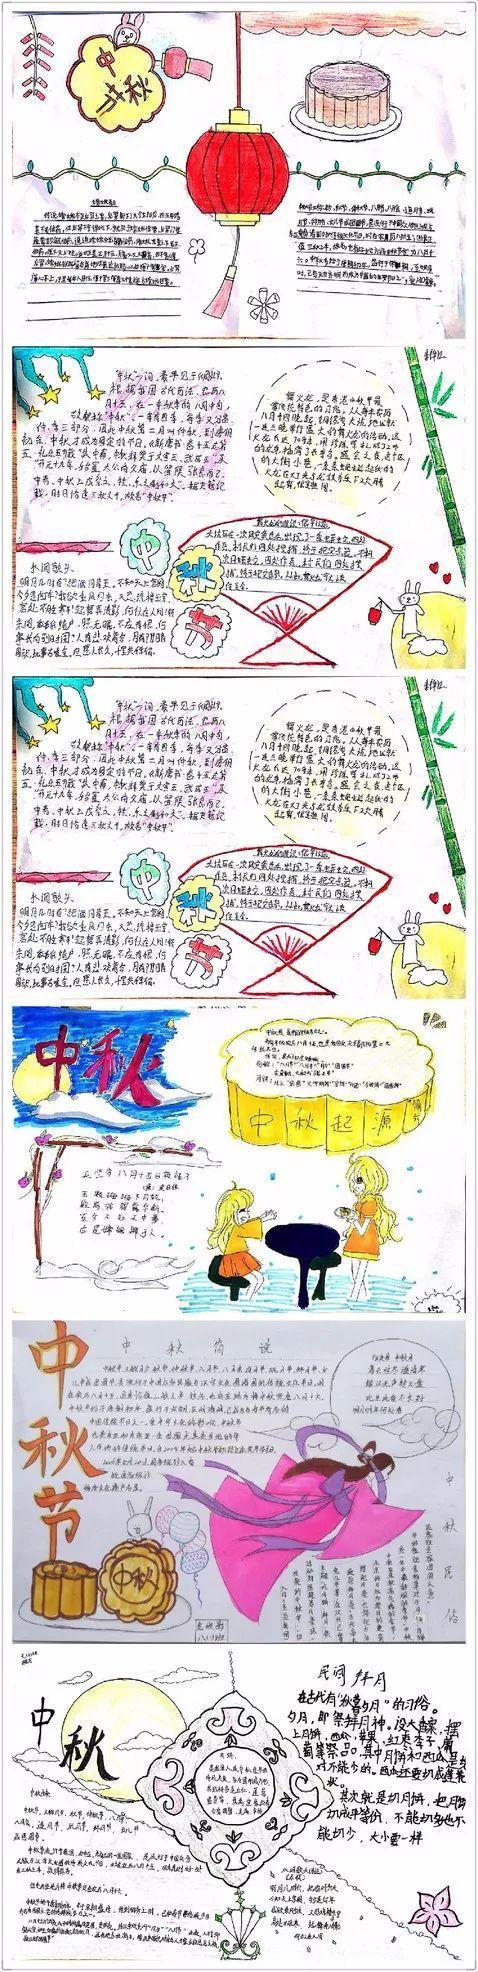 张花样百出的手抄报,表达着对源远流长,博大精深的中国传统文化传承与